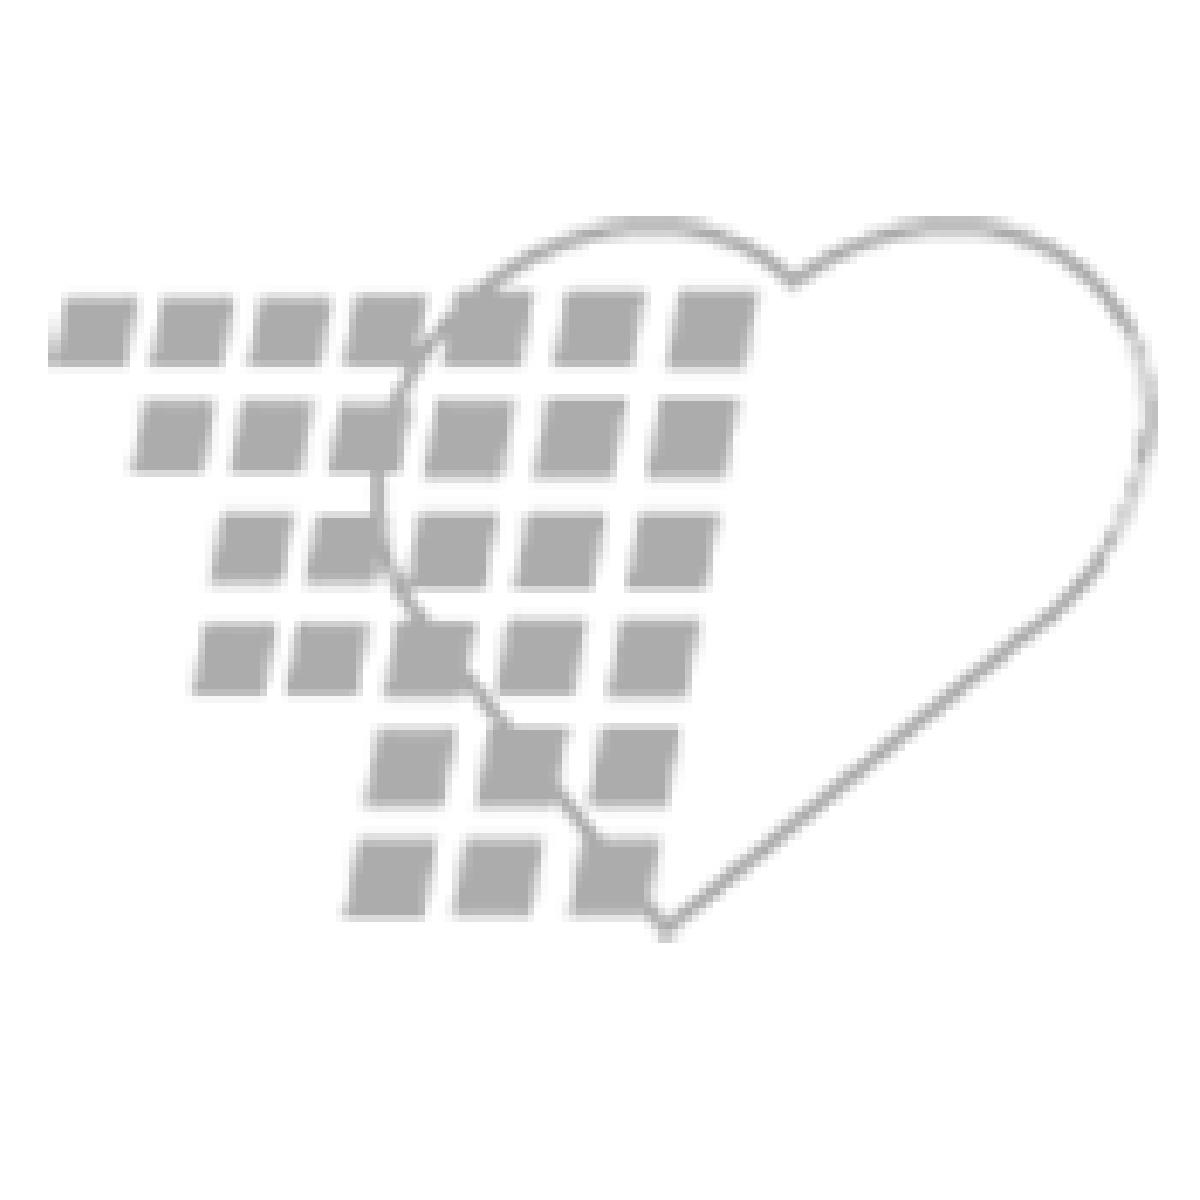 10-81-0095 - Episiotomy and Suturing Simulator